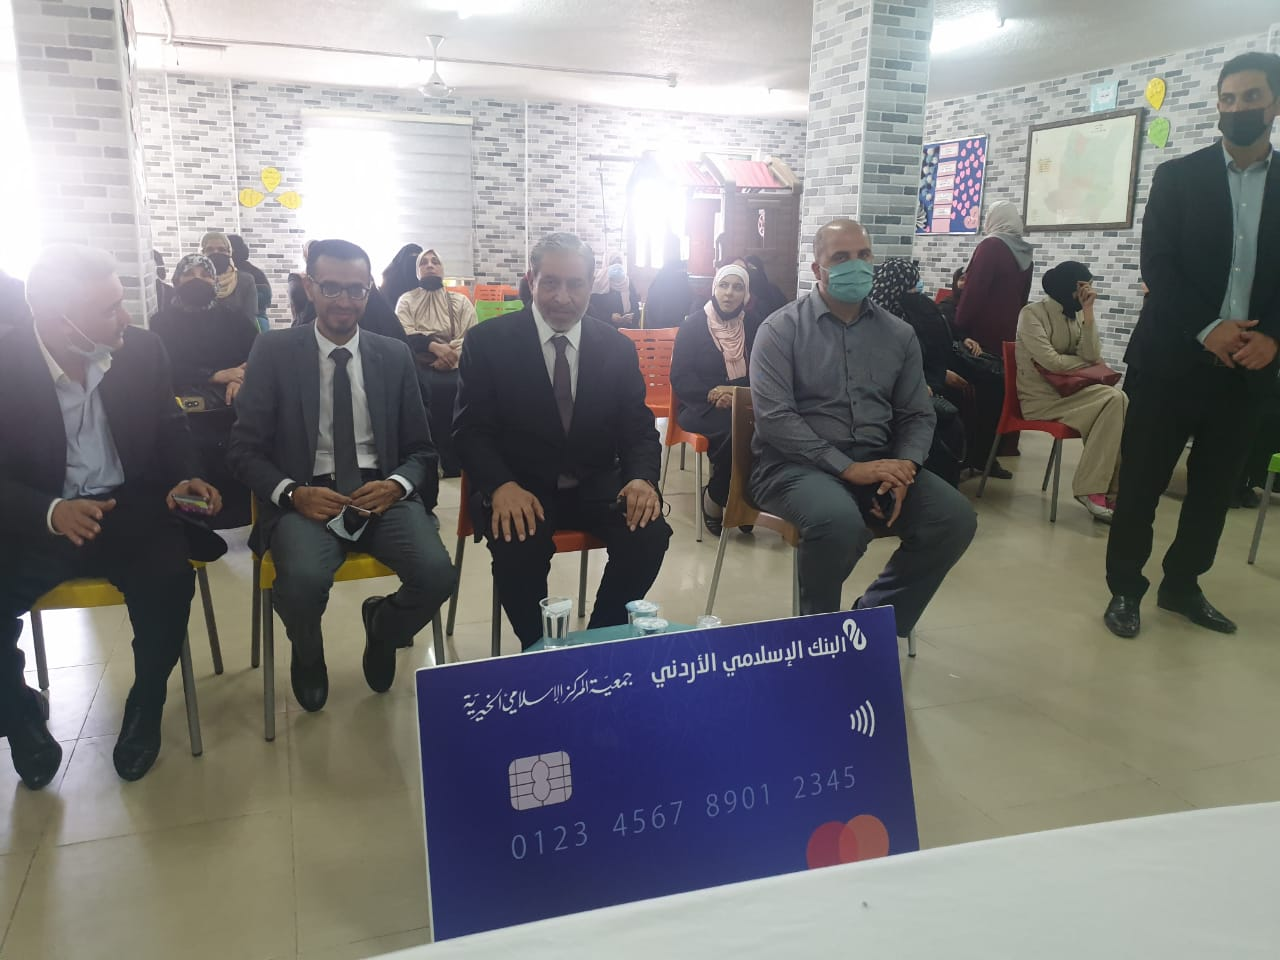 المركز الإسلامي تطلق لأول مرة بالأردن بطاقة الكرامة في العمل الخيري